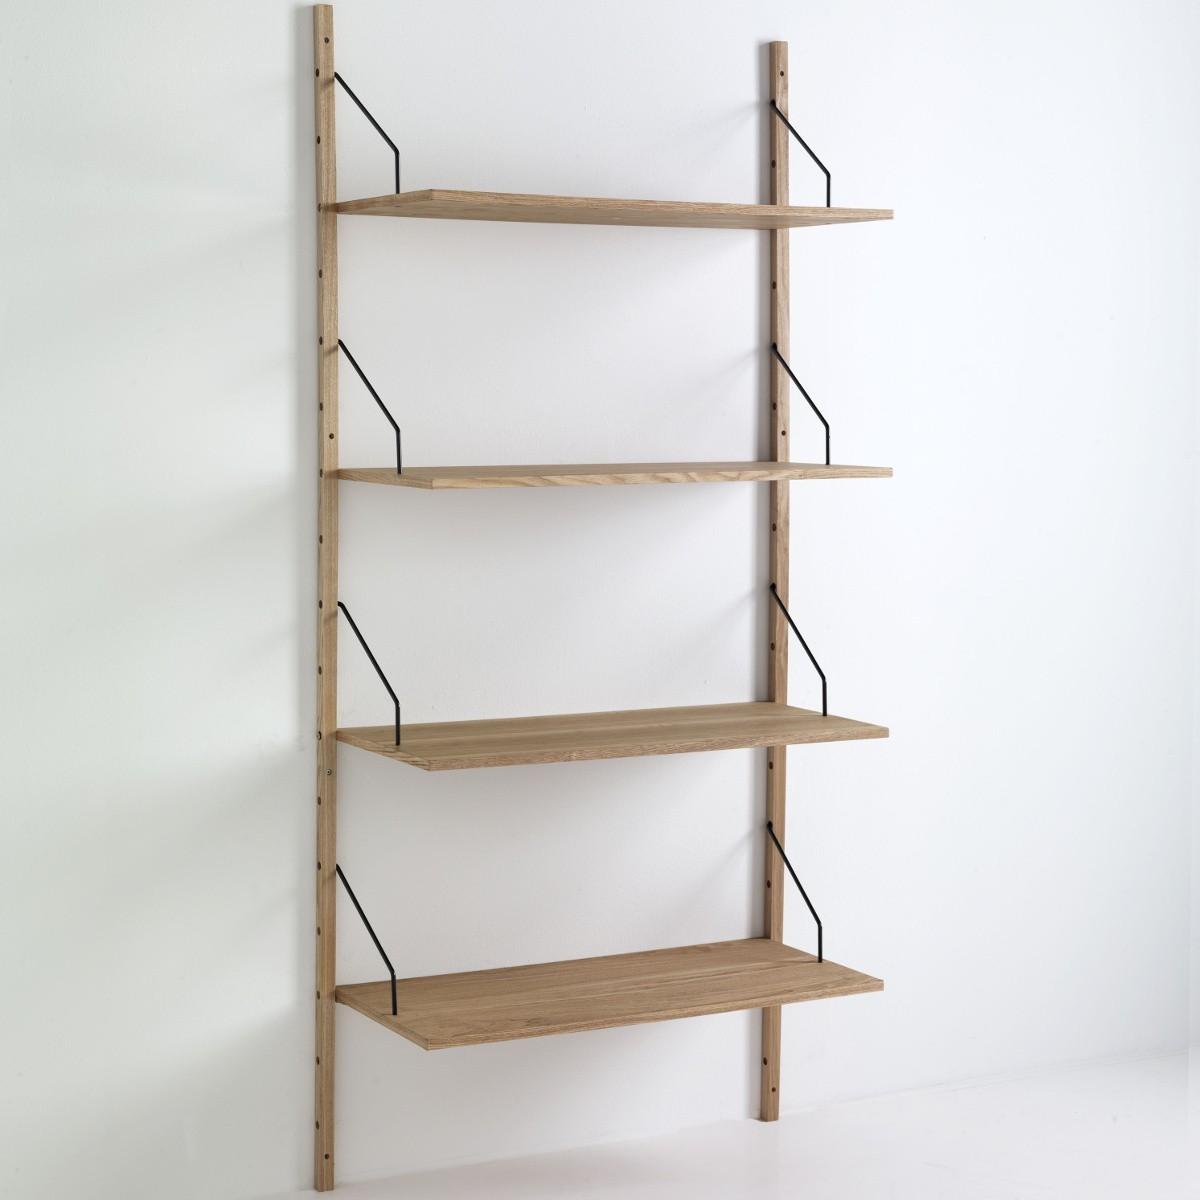 Libreria da parete selfy in legno mdf 4 ripiani 85 x 180 cm for Leroy merlin librerie